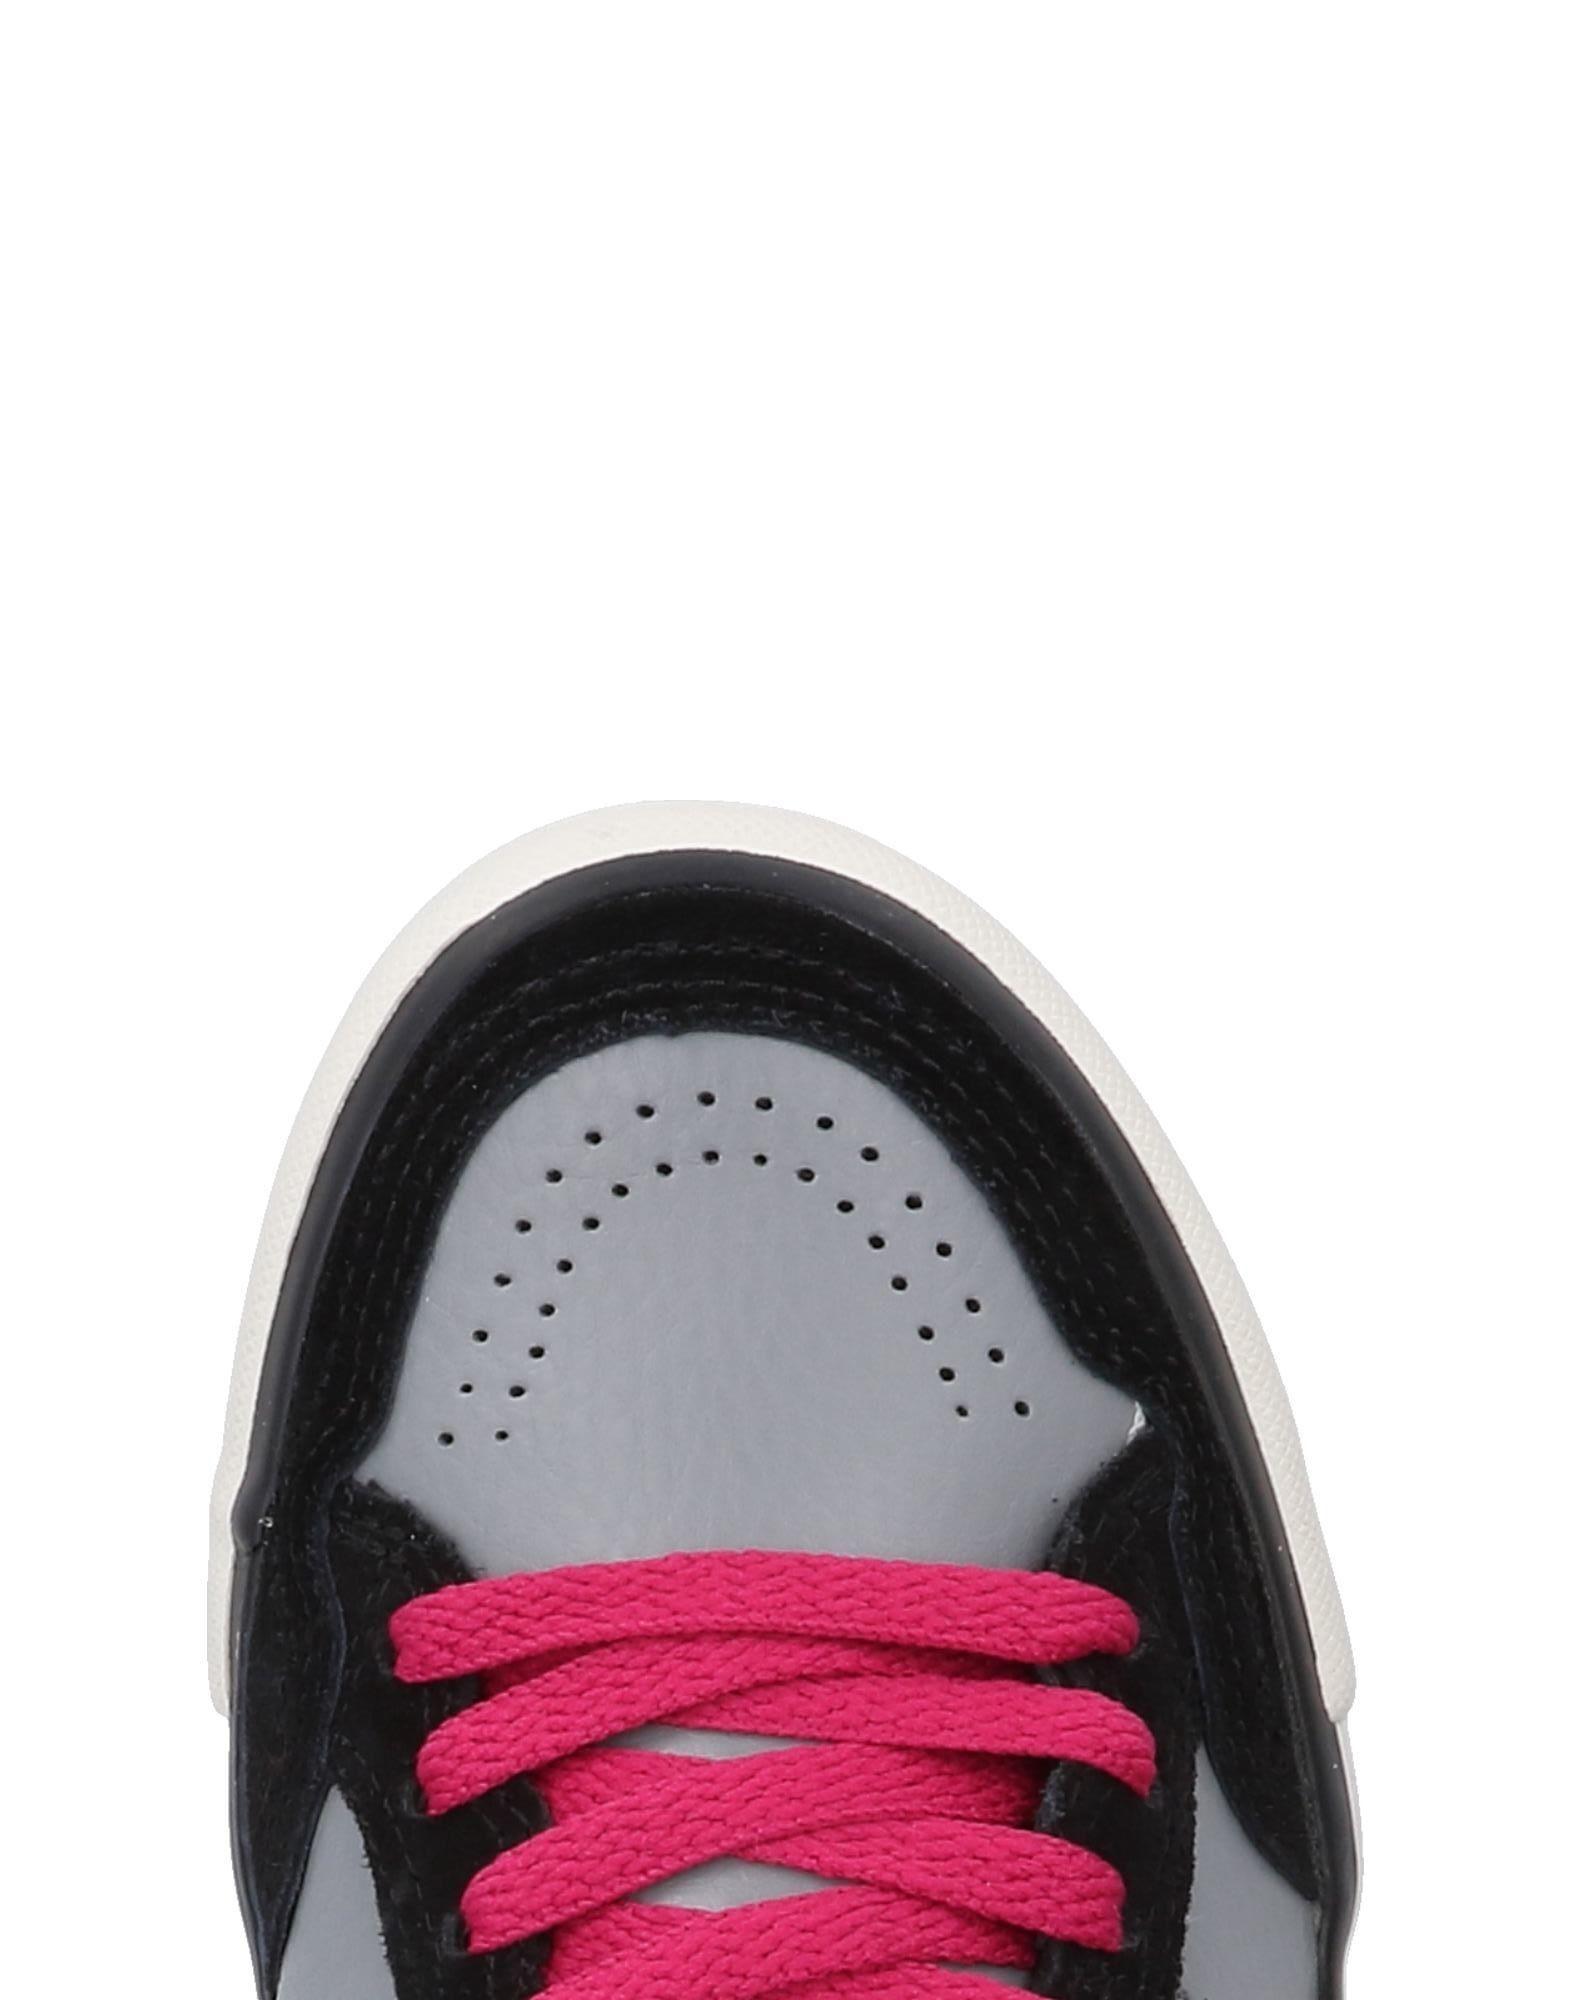 Converse All Star Sneakers Damen Schuhe  11489705NN Neue Schuhe Damen 3dcd24